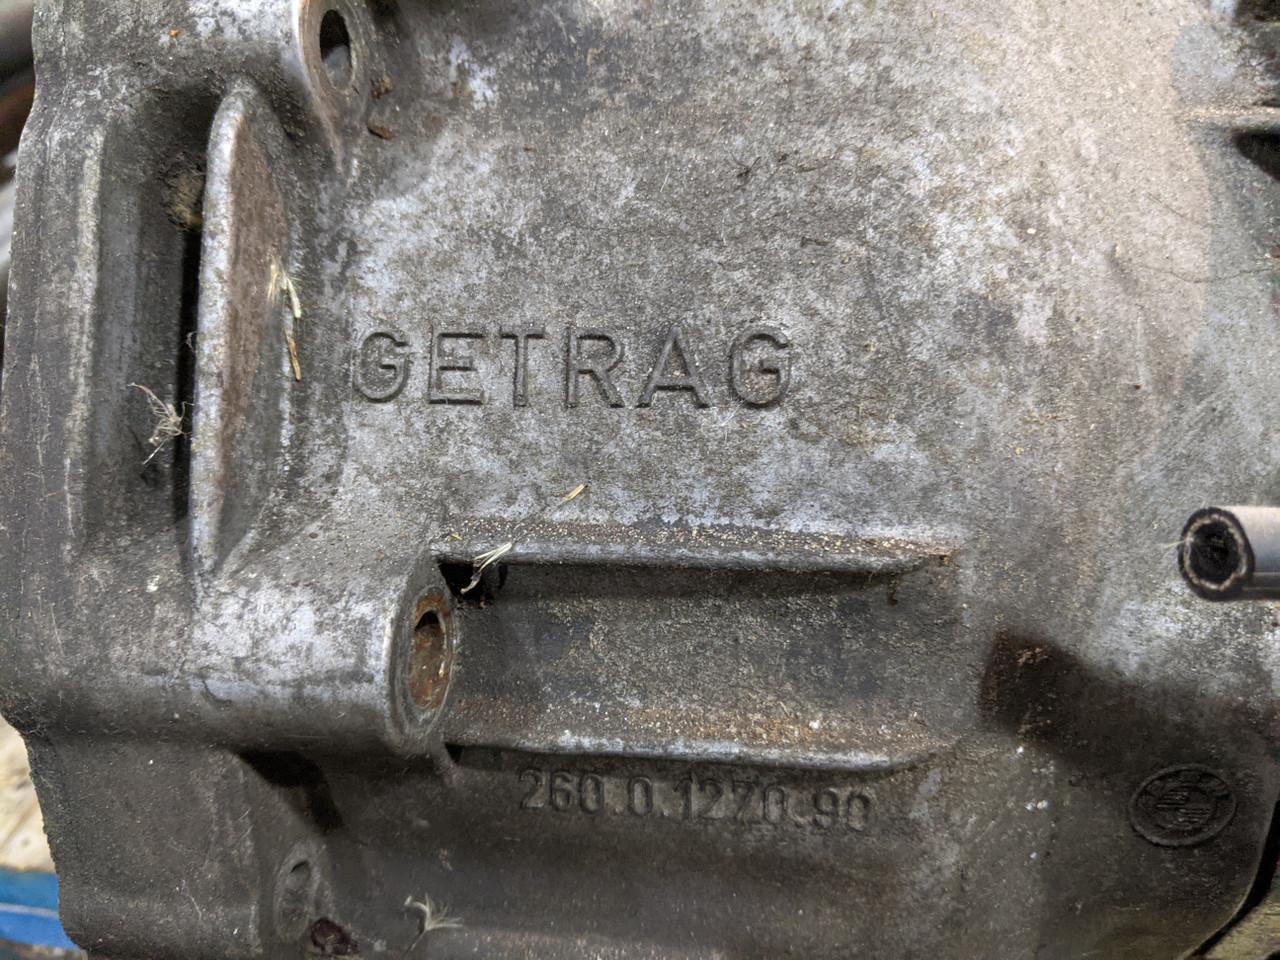 BMW E28/E30 3-Series 5-Series 5-Speed Manual Transmission Getrag 260/5 260.0.1270.90 23001221206